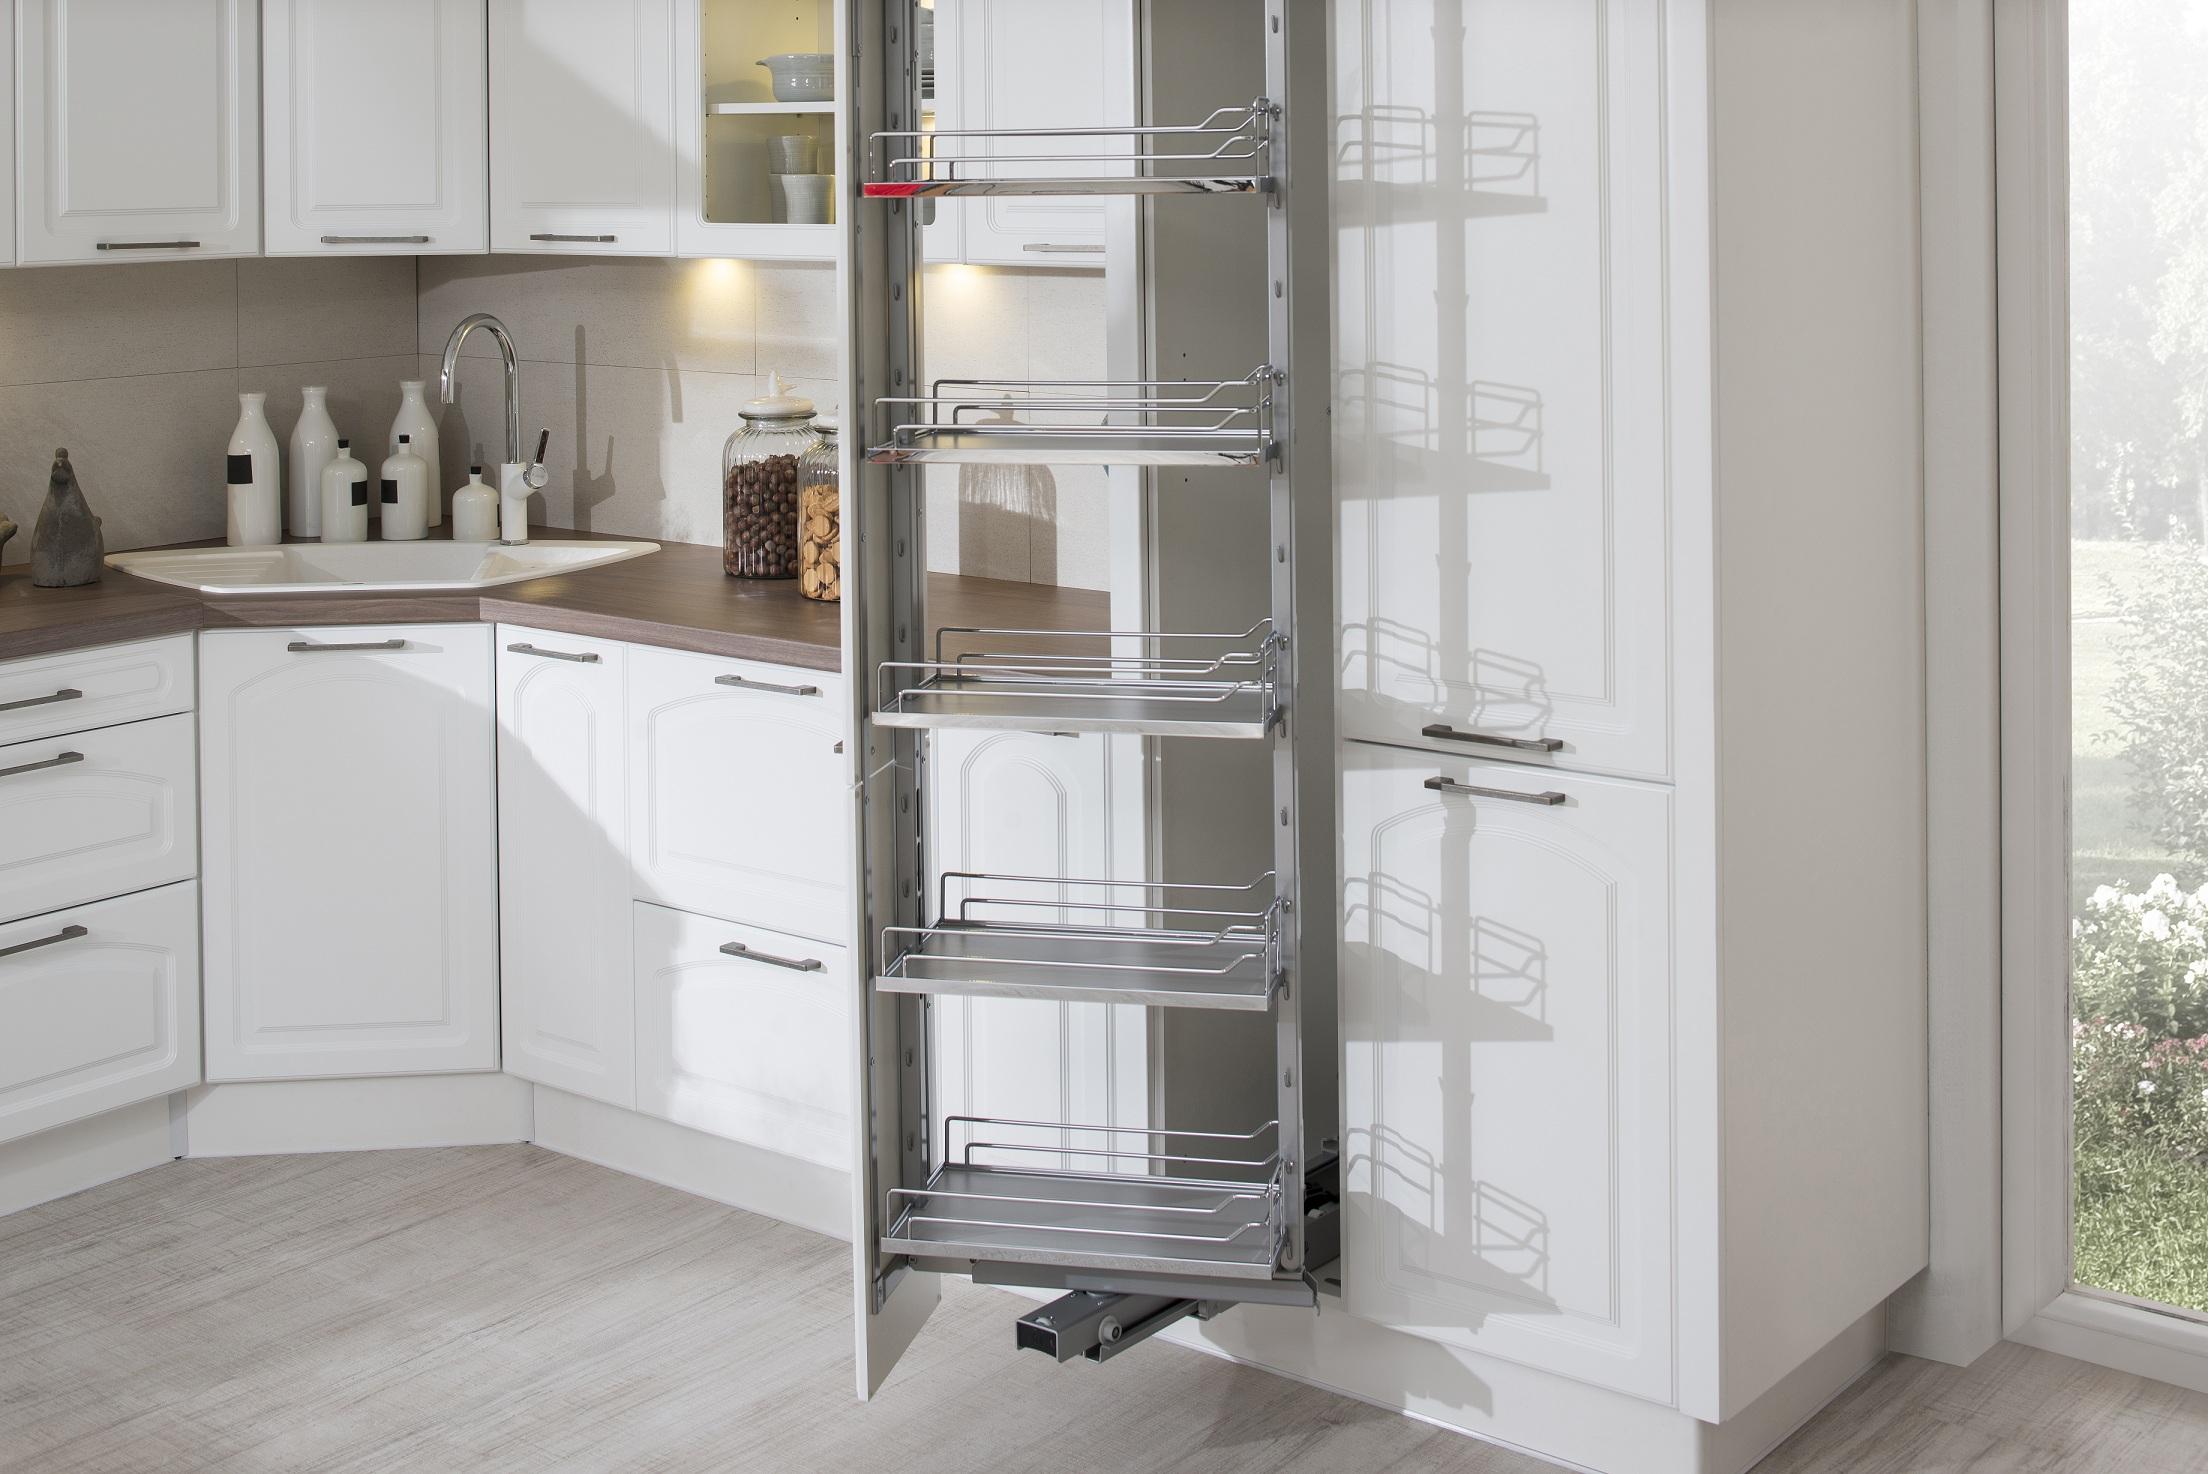 Kuchyňa Astoria výsuvné zásuvky